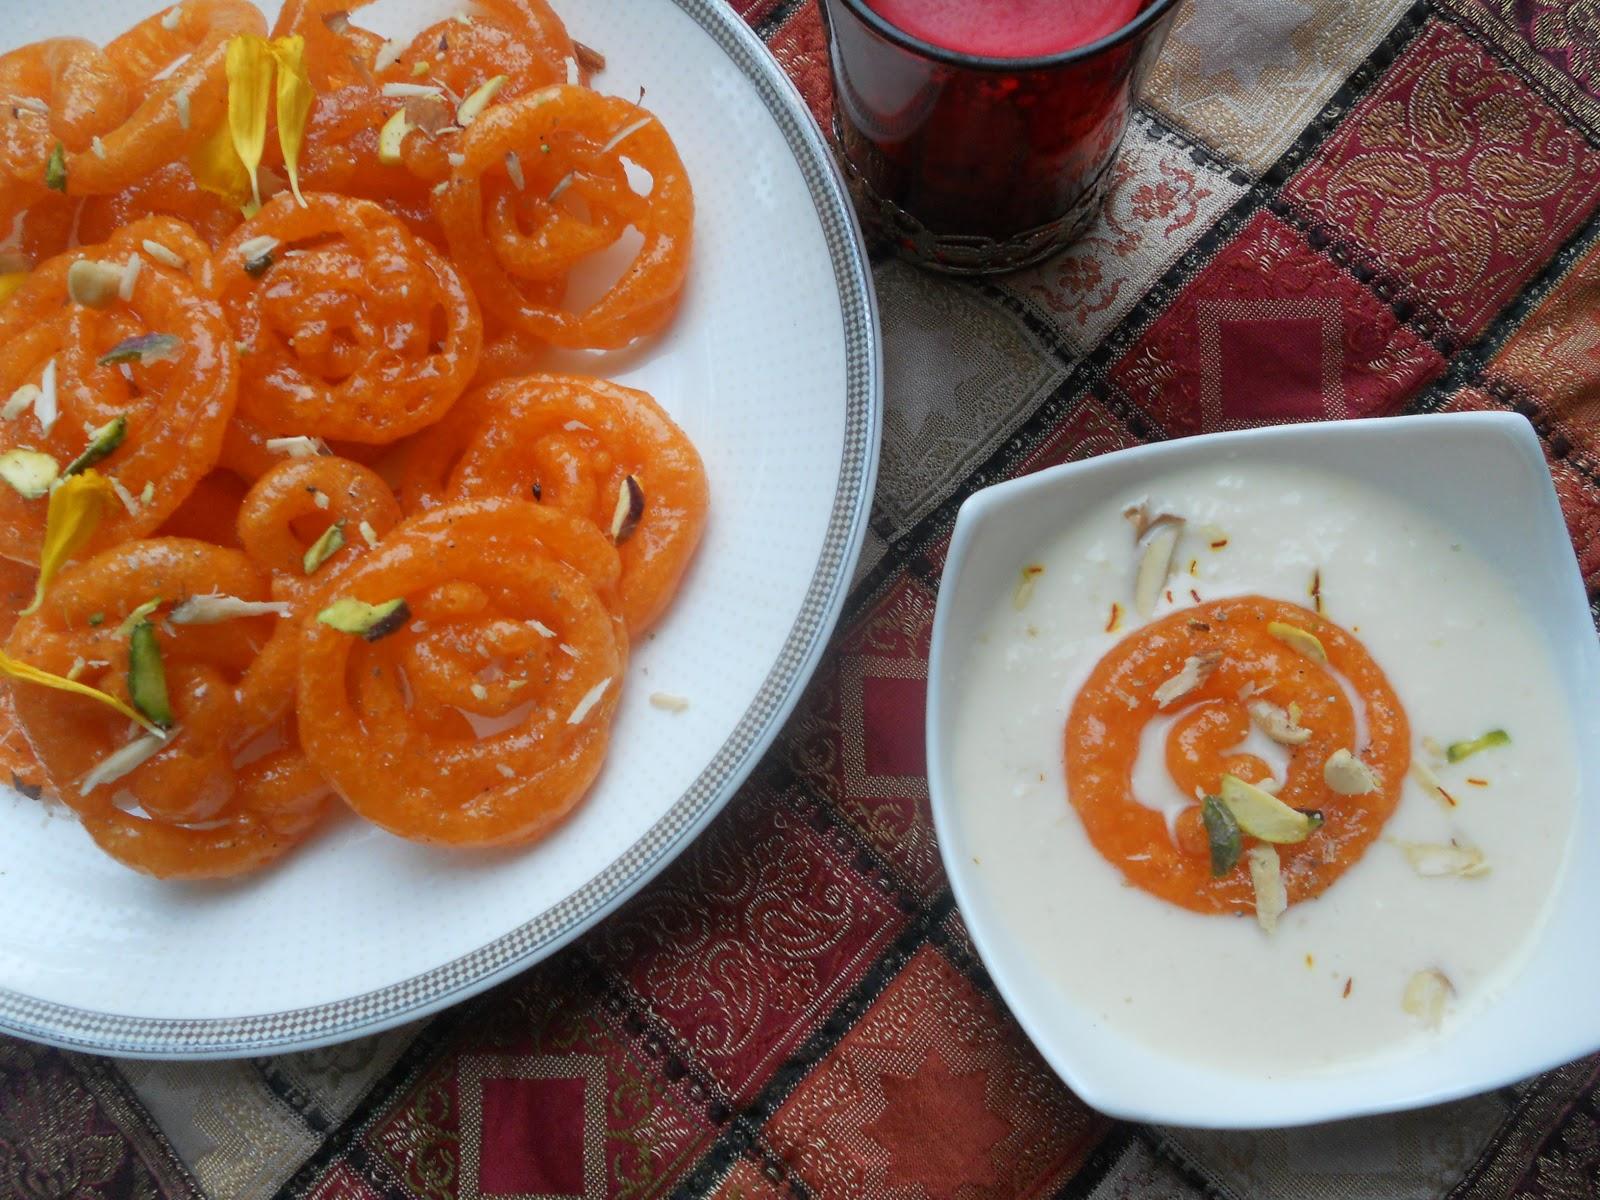 http://2.bp.blogspot.com/-6HPaZcGxKJU/UIWAIU5eAmI/AAAAAAAABHM/NwxOM1QWjwI/s1600/food+2012+081.jpg